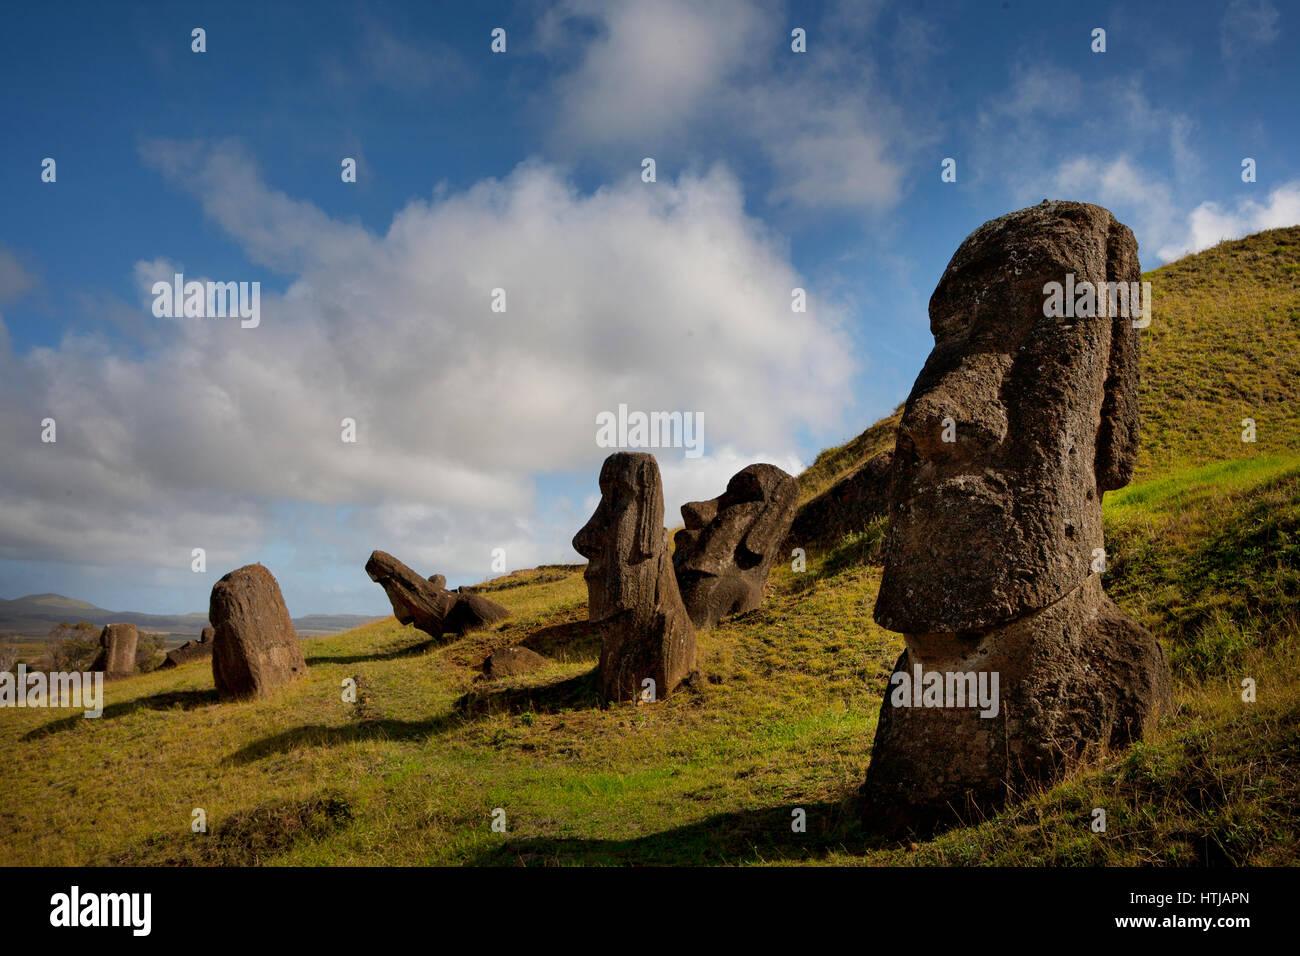 Statues Moai de pierre monolithique géant à Rano Raraku, île de Pâques (Rapa nui), UNESCO World Photo Stock